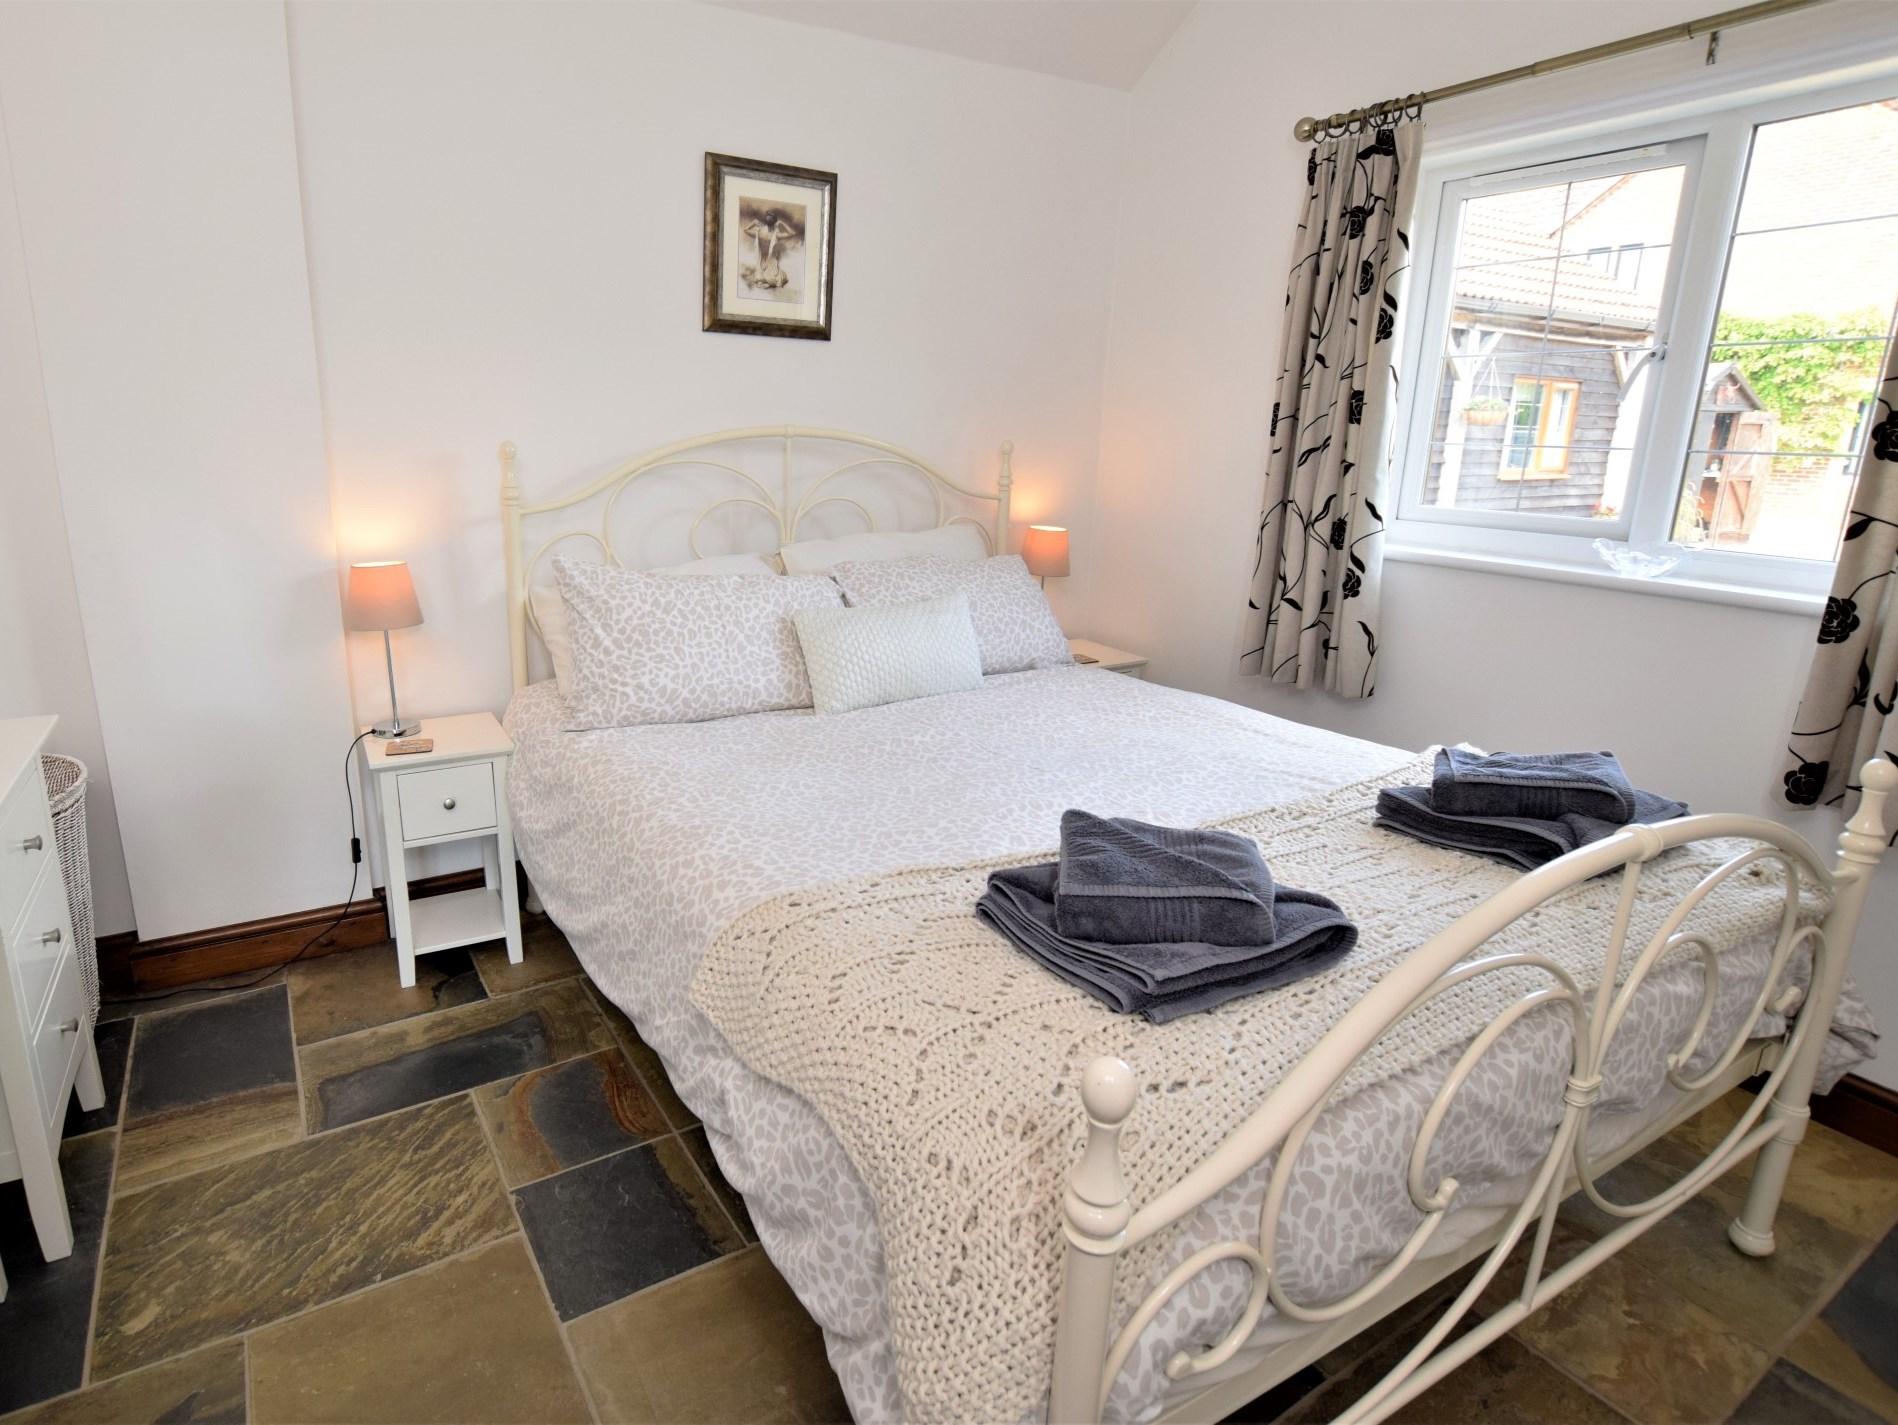 1 Bedroom Barn in Wiltshire, Dorset and Somerset